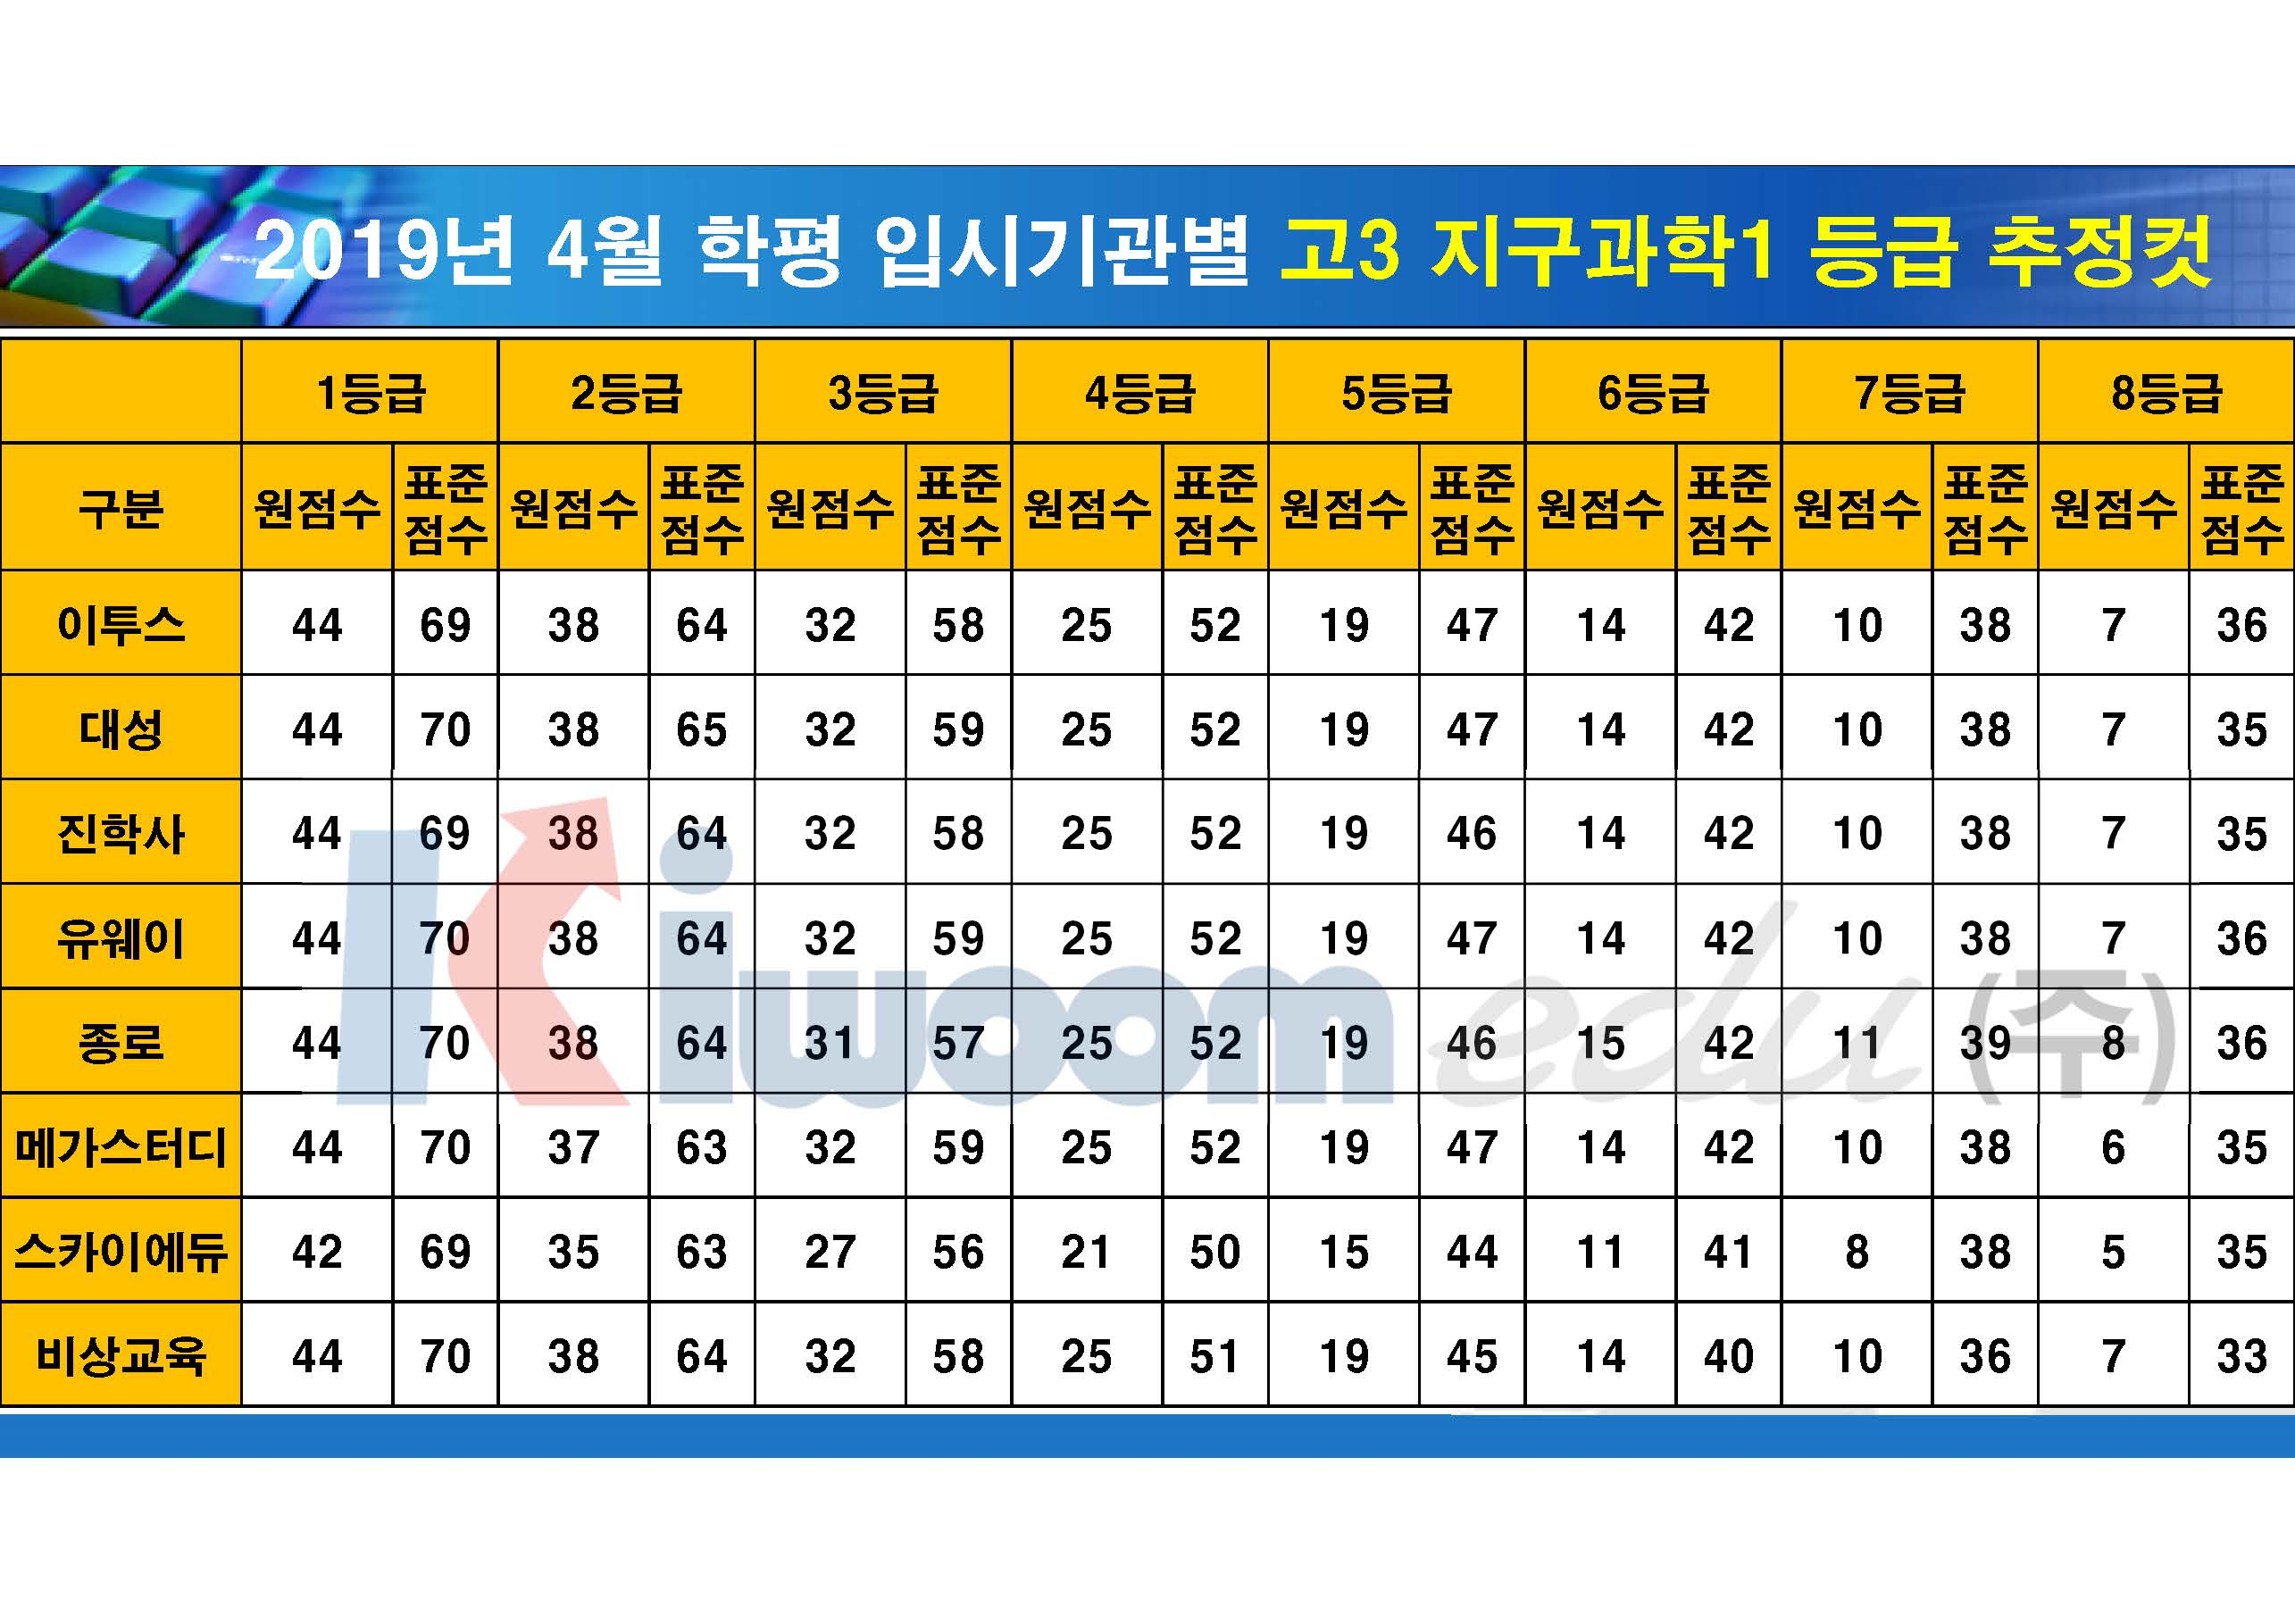 2019 4월 모의고사 입시기관별 등급컷(고3)_20190411_안지훈#2_Page_18.jpg